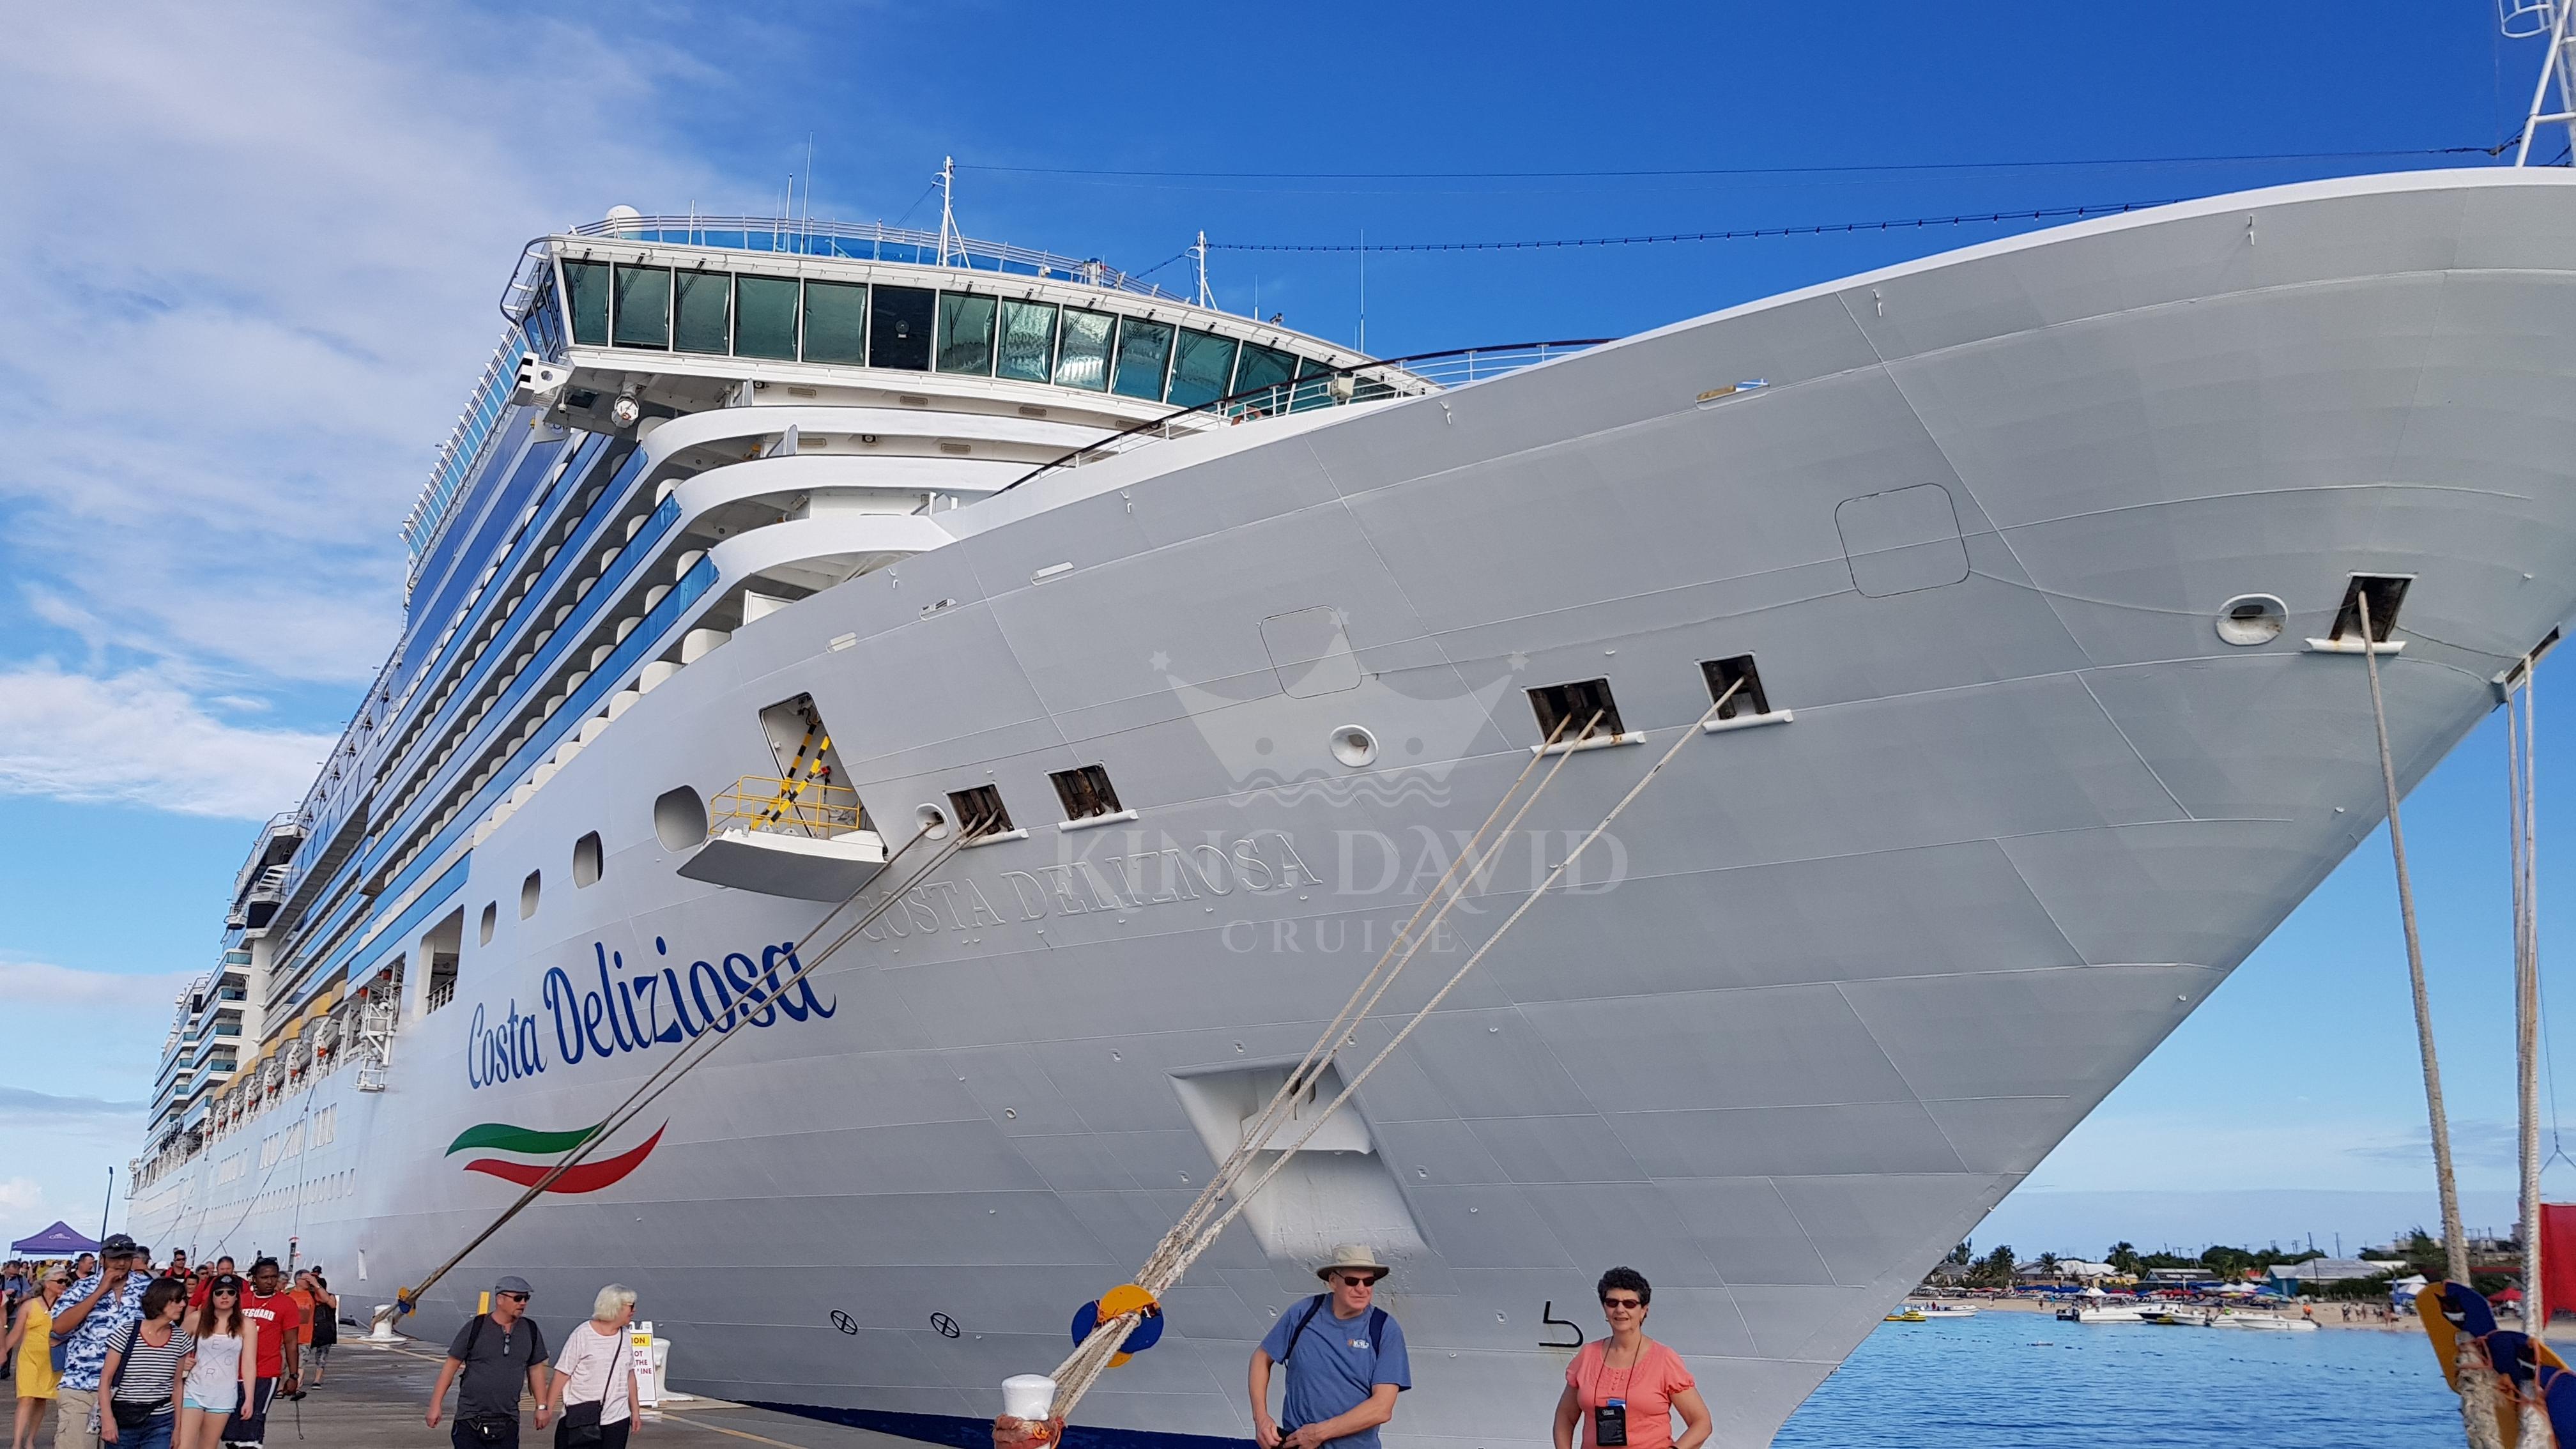 David Kosher Worldwide Cruises